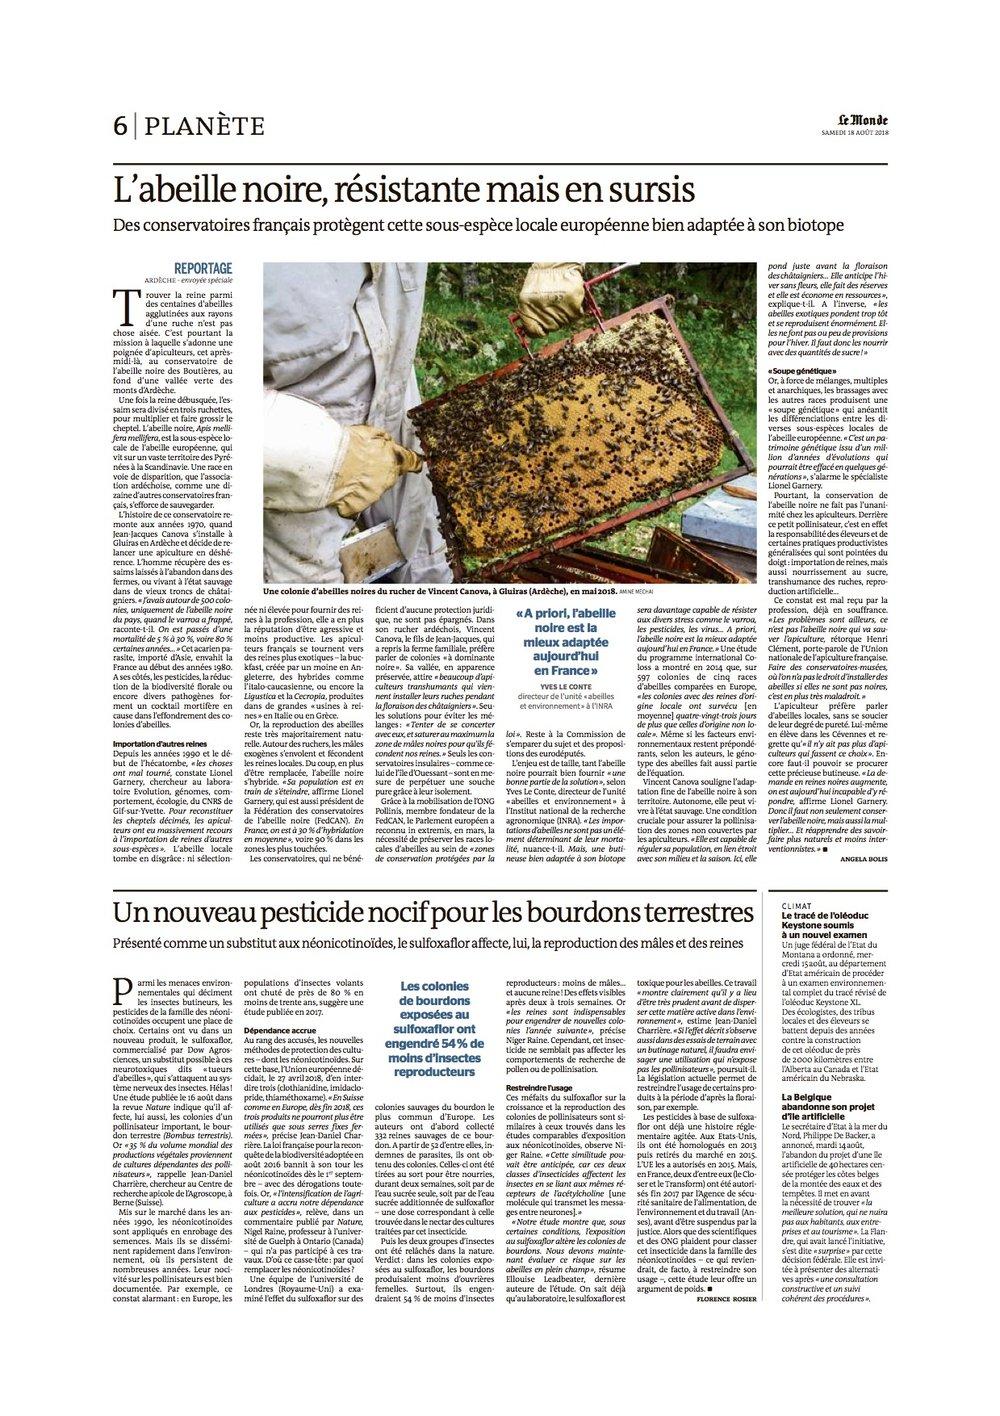 ABEILLE NOIRE - Le Monde 20180818_QUO.jpg